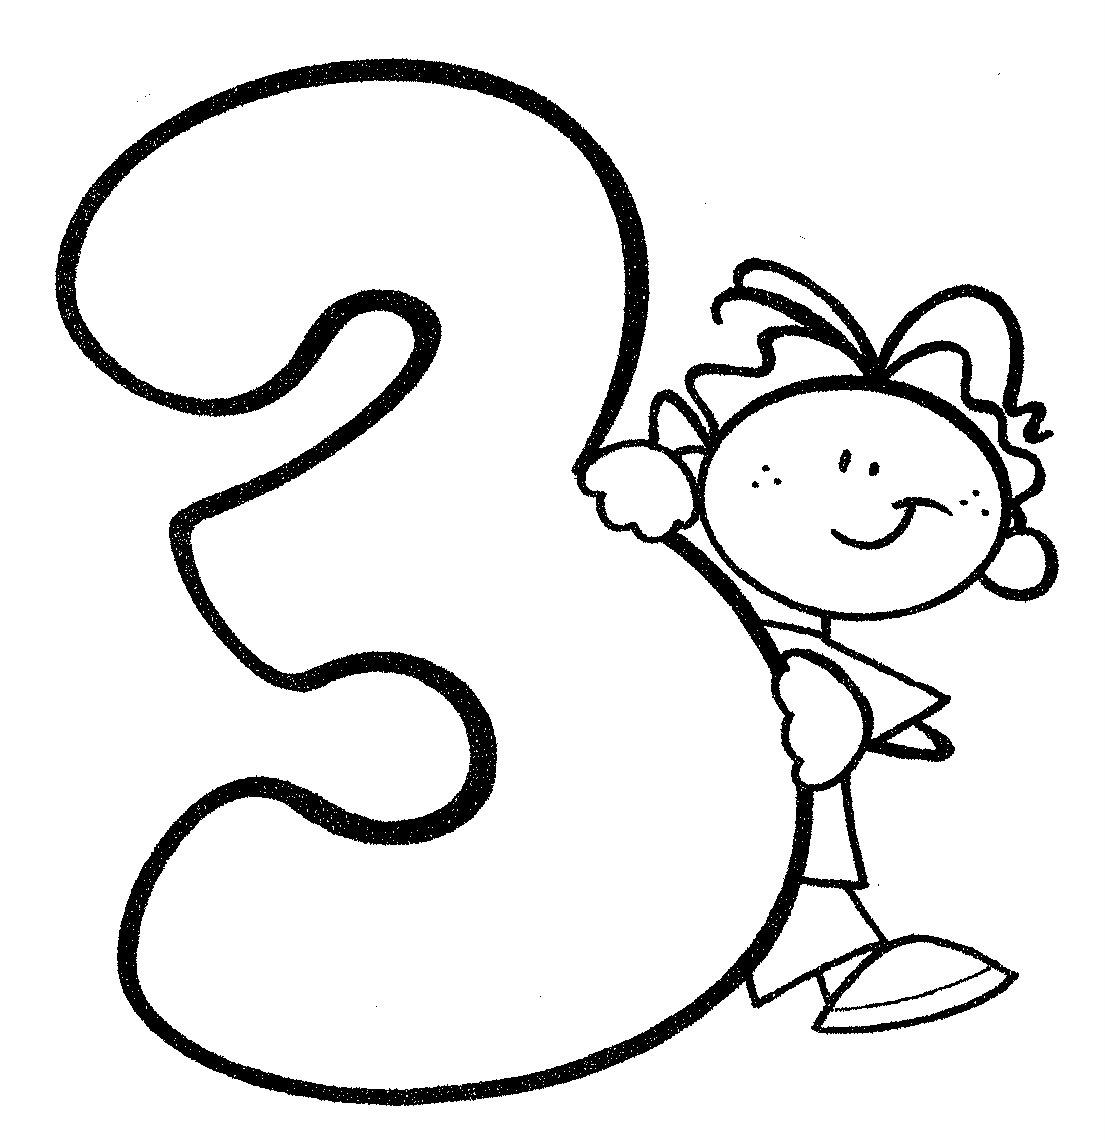 ... escuelaenlanube.com/recursos-para-el-aula-numeros-para-colorear/3-15